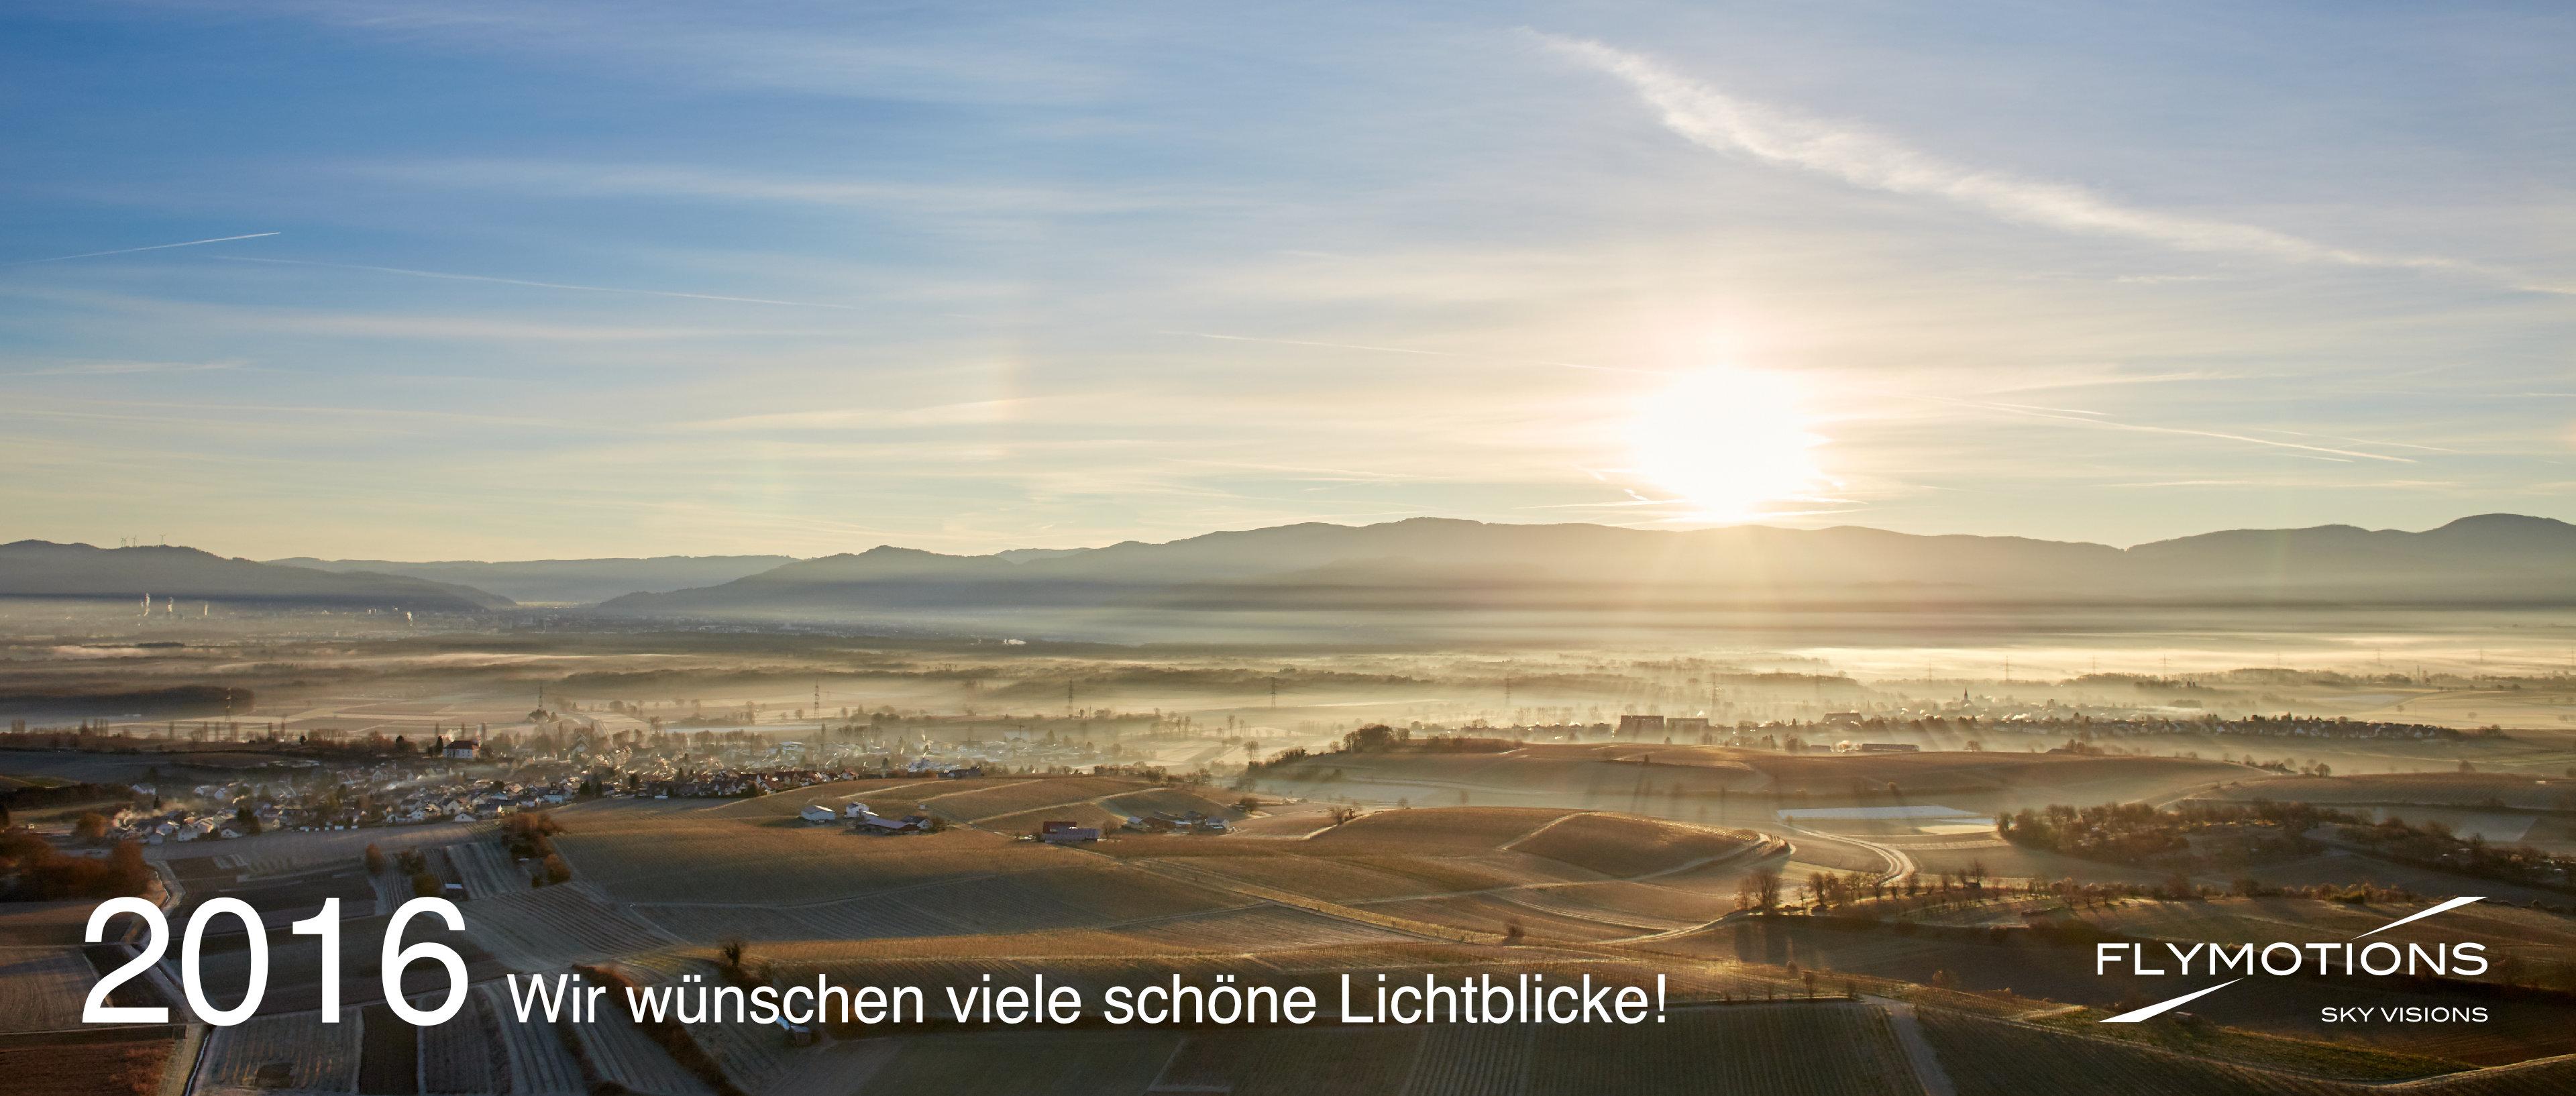 Luftaufnahme Sonnenaufgang ueber dem Schwarzwald